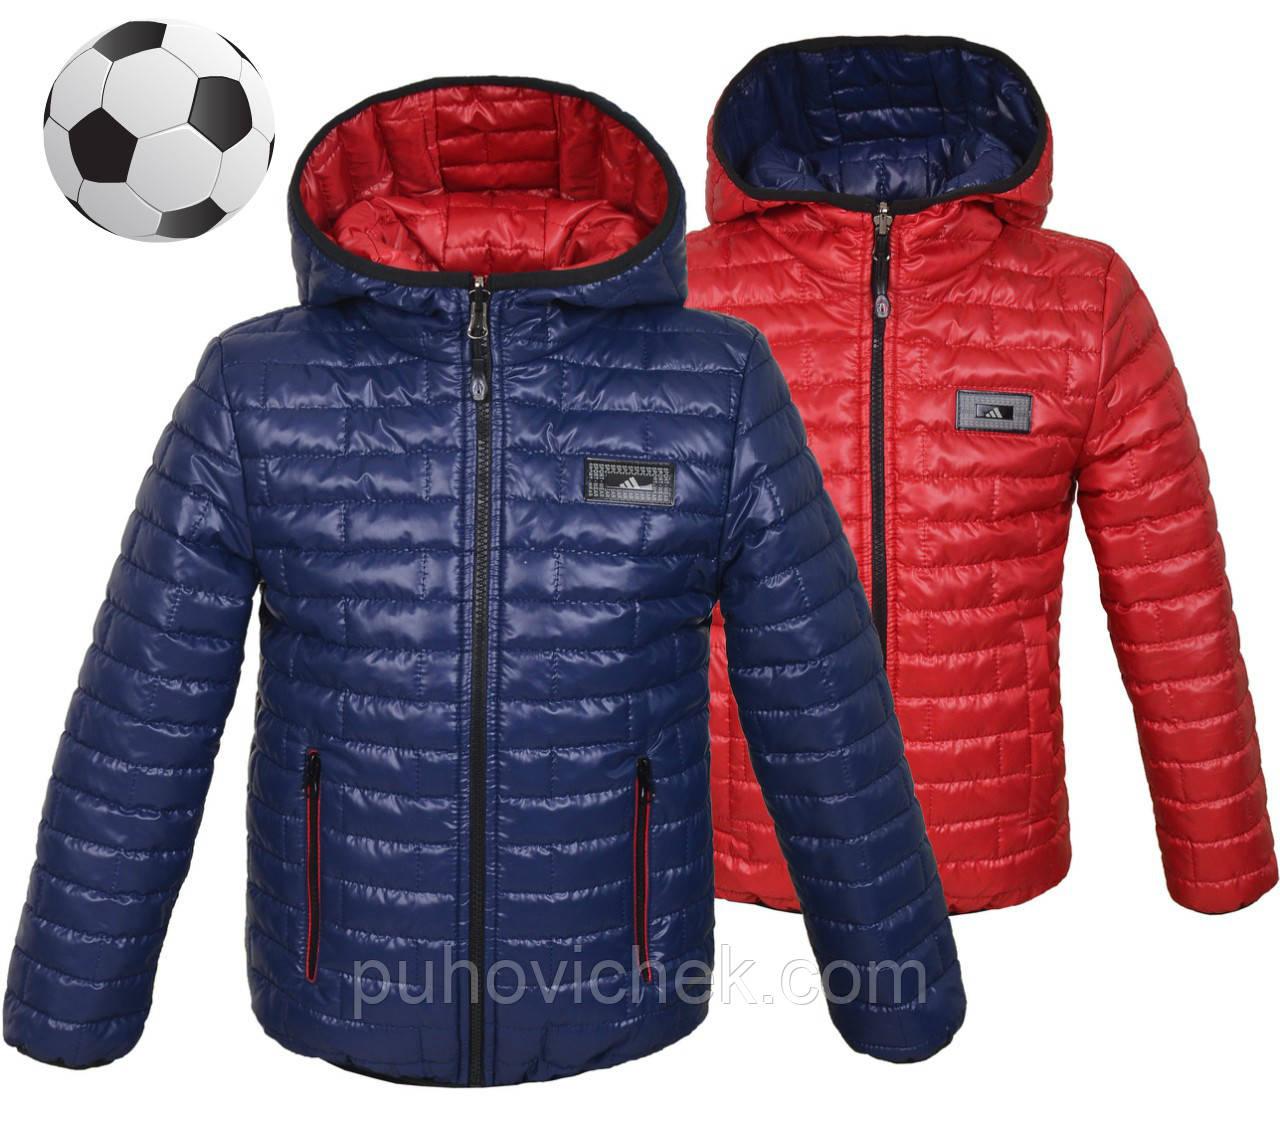 Двухсторонние куртки для мальчиков весенние Украина